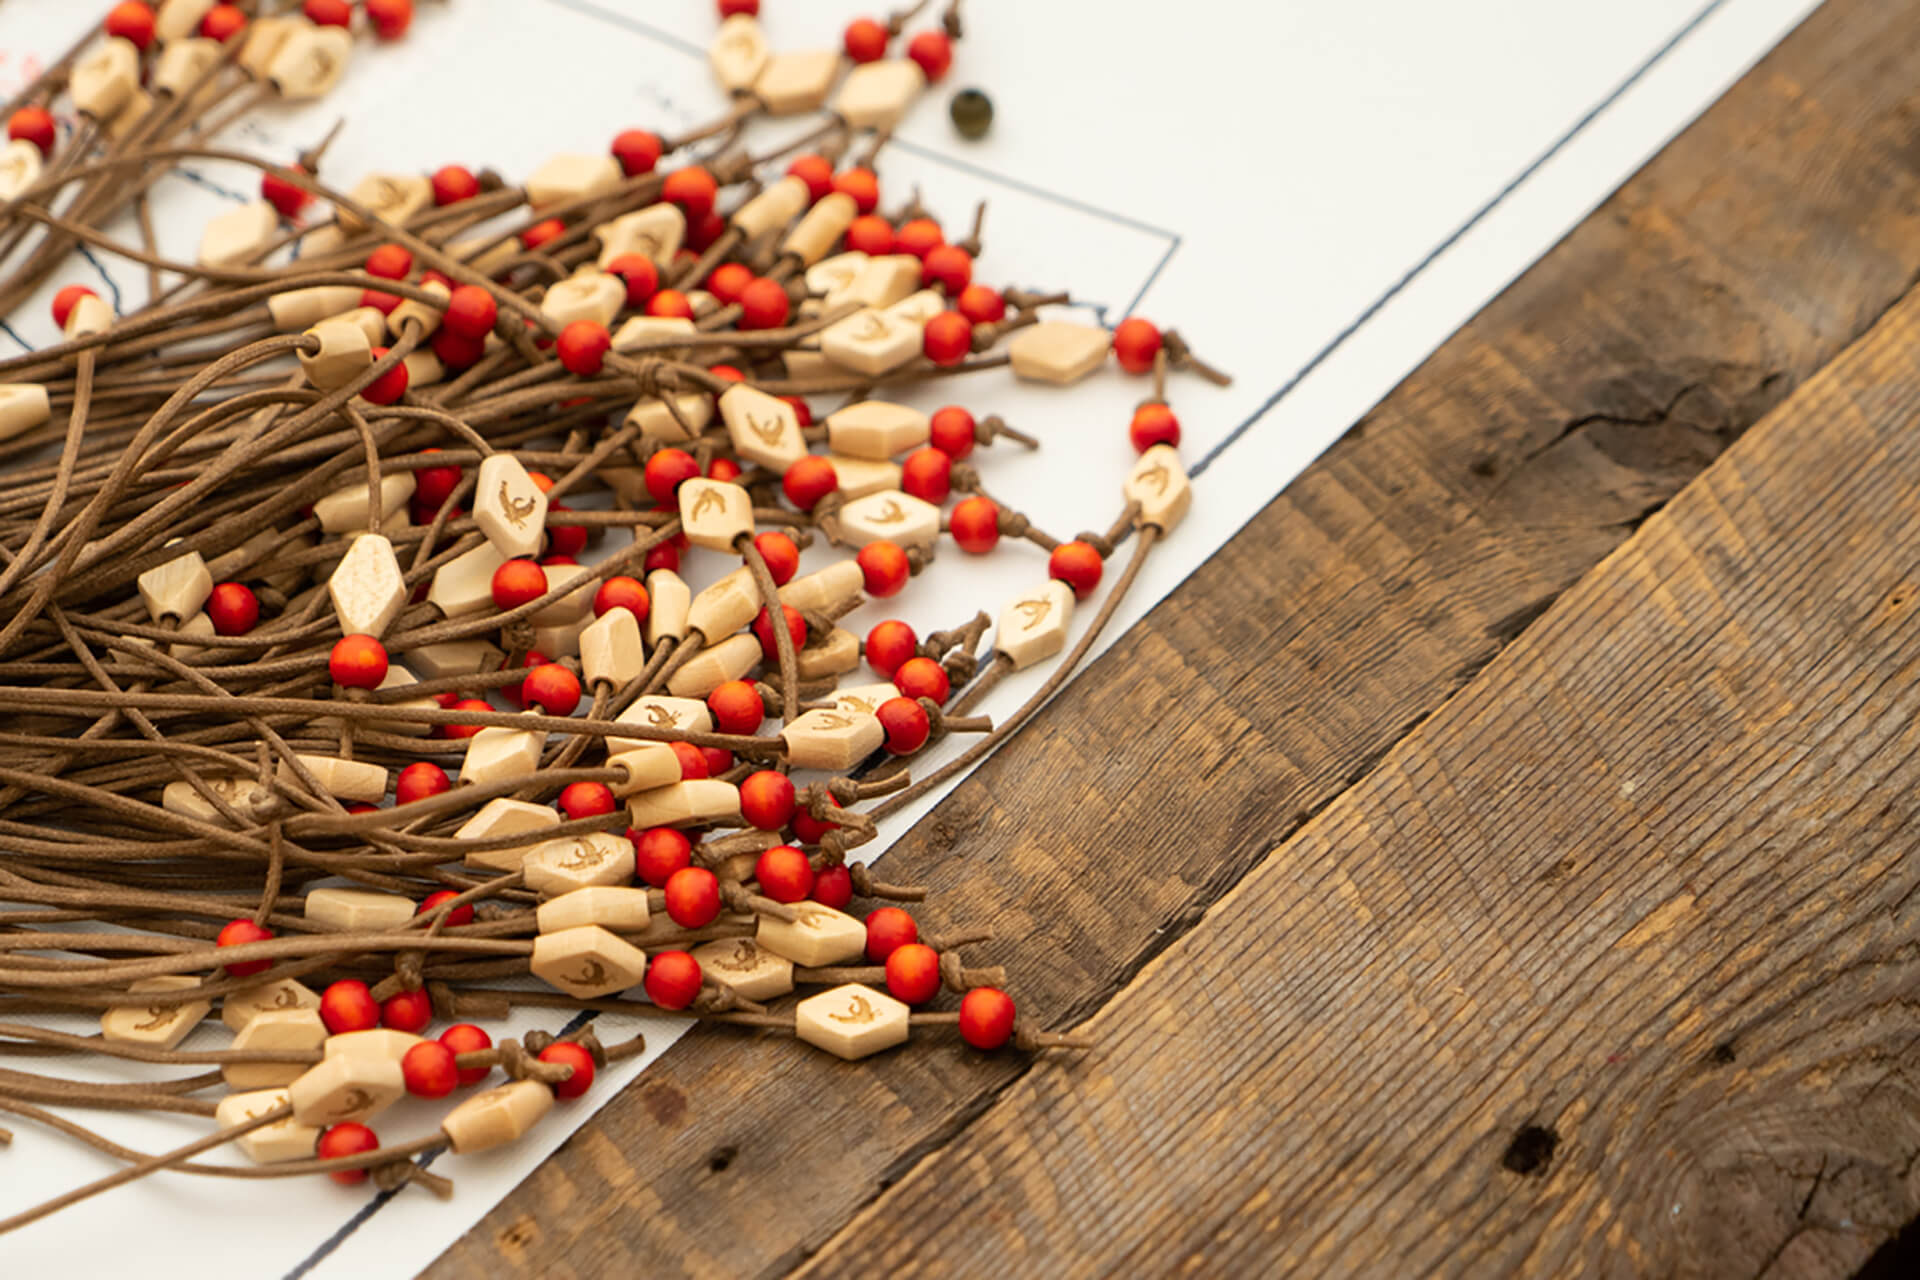 Identité visuelle |Colliers faits de cuir avec des perles en bois naturel et rouge |TAQ